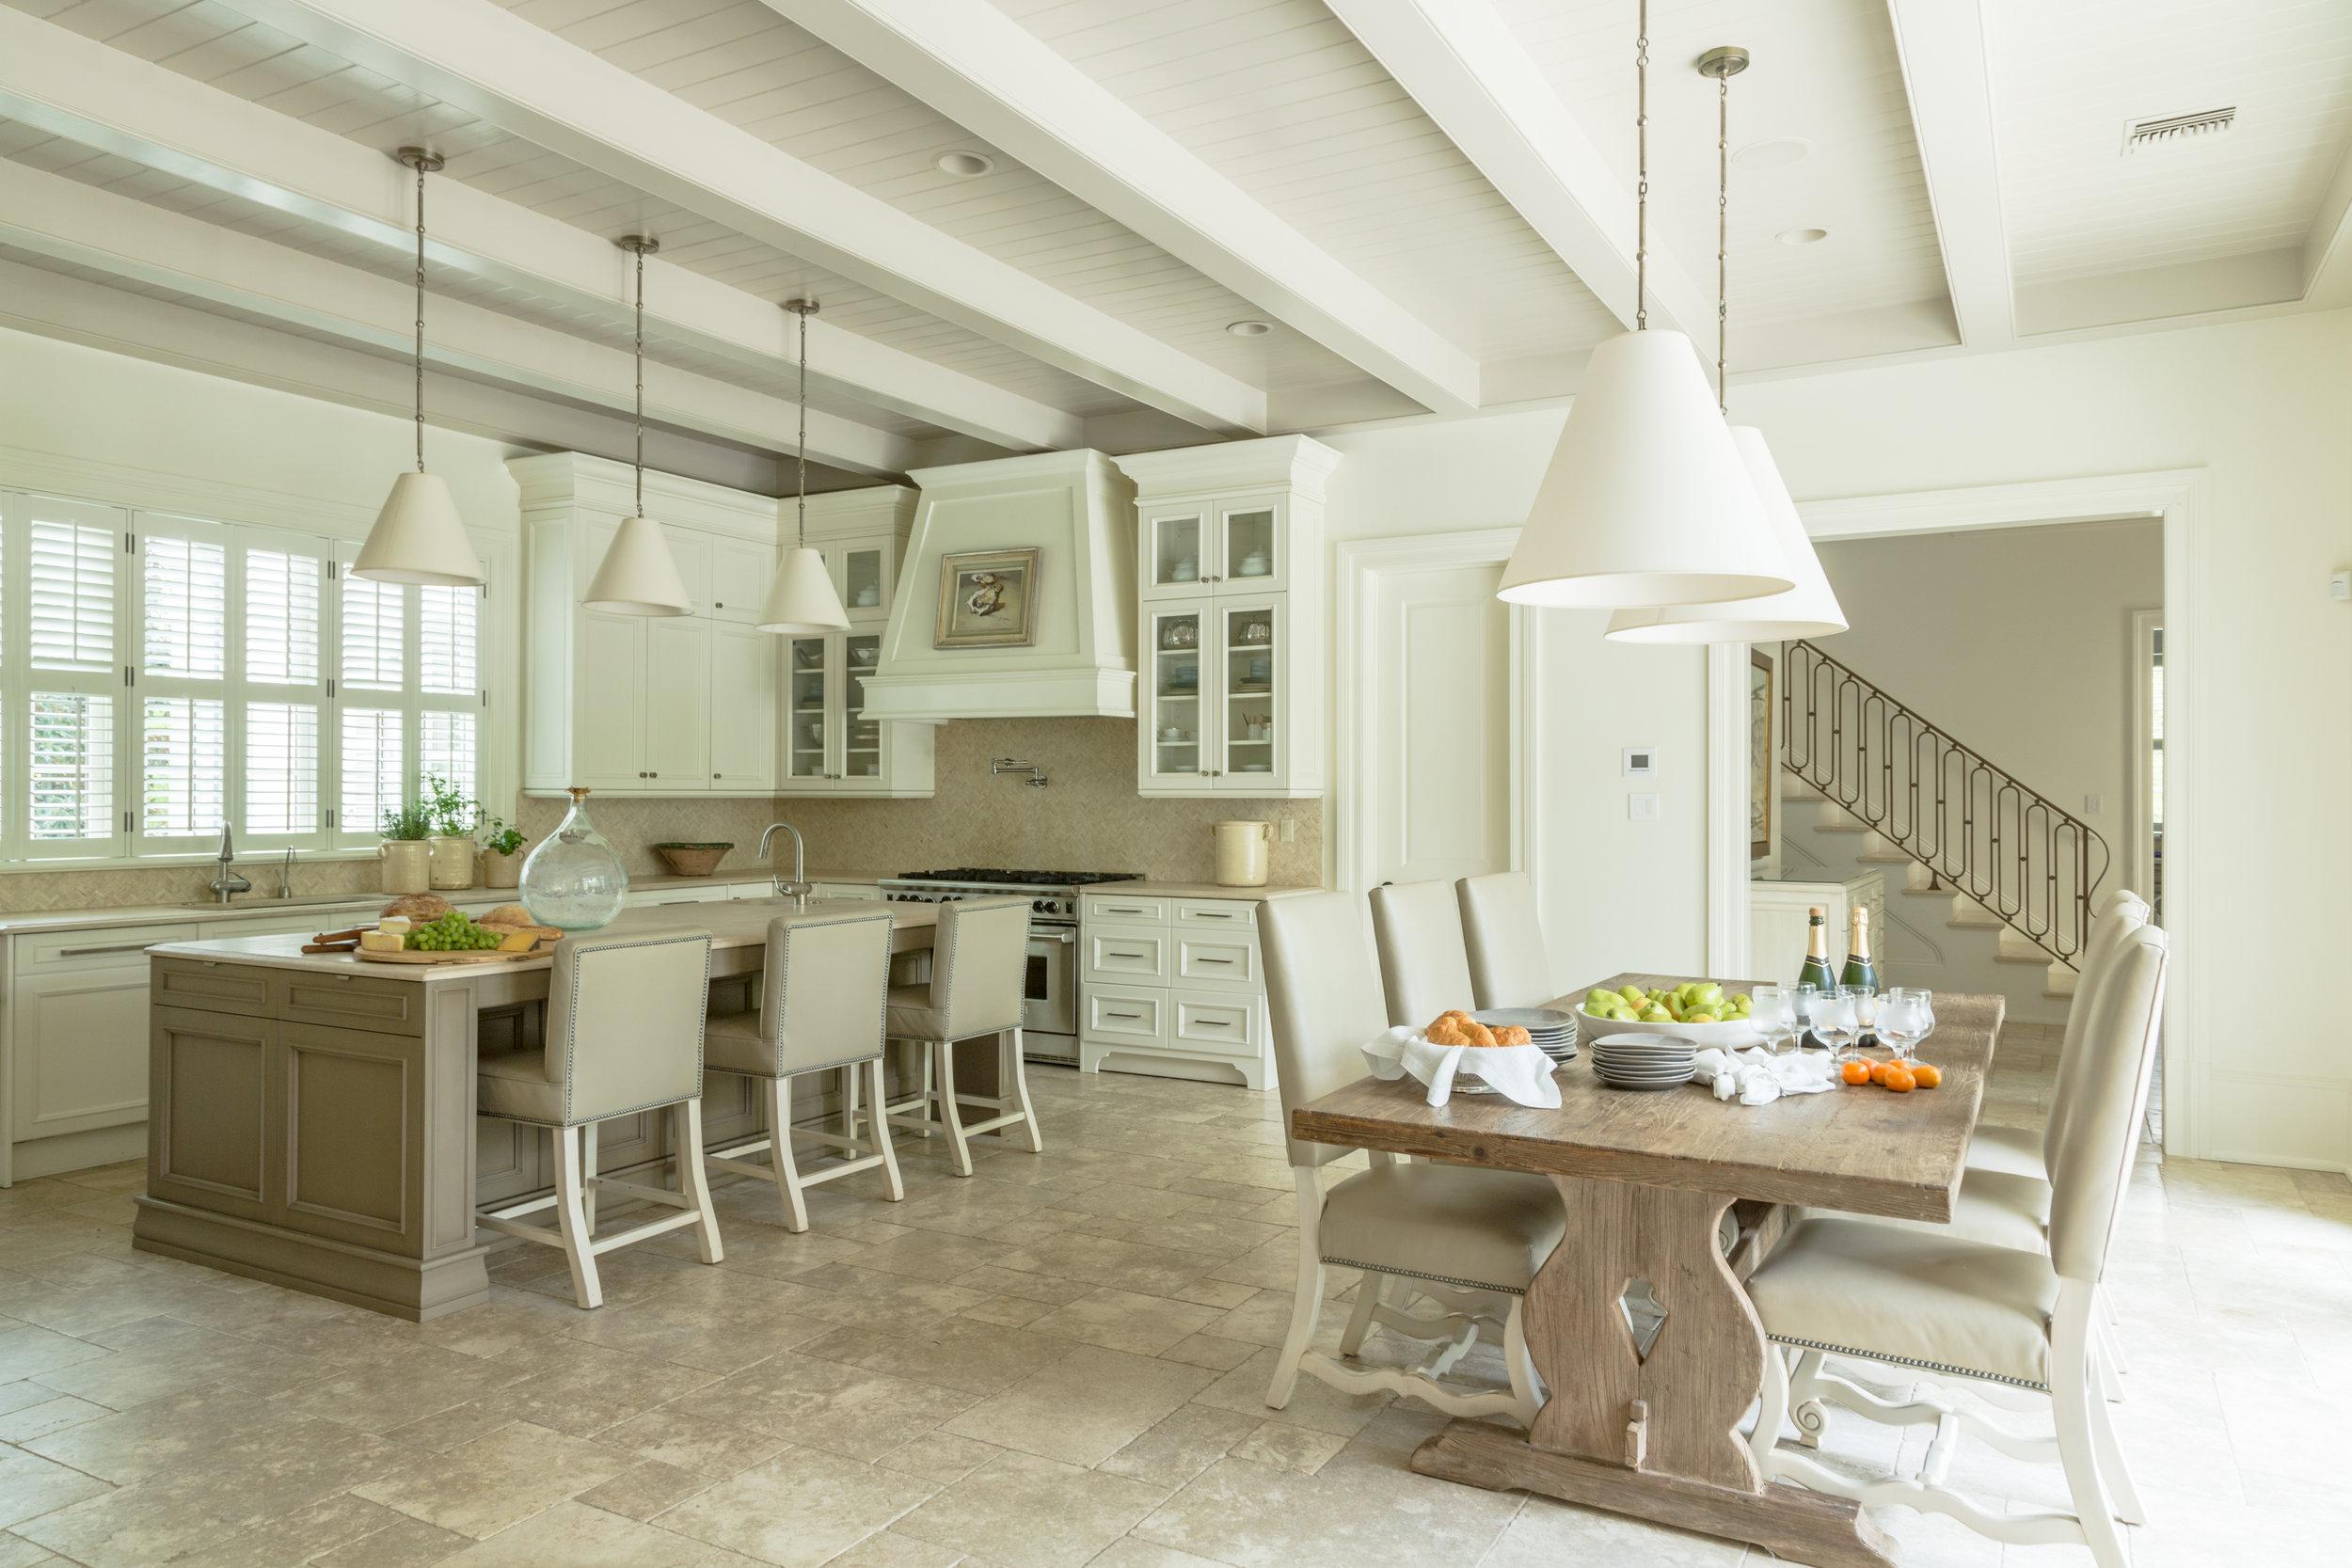 Gutterman_kitchen-9782.jpg